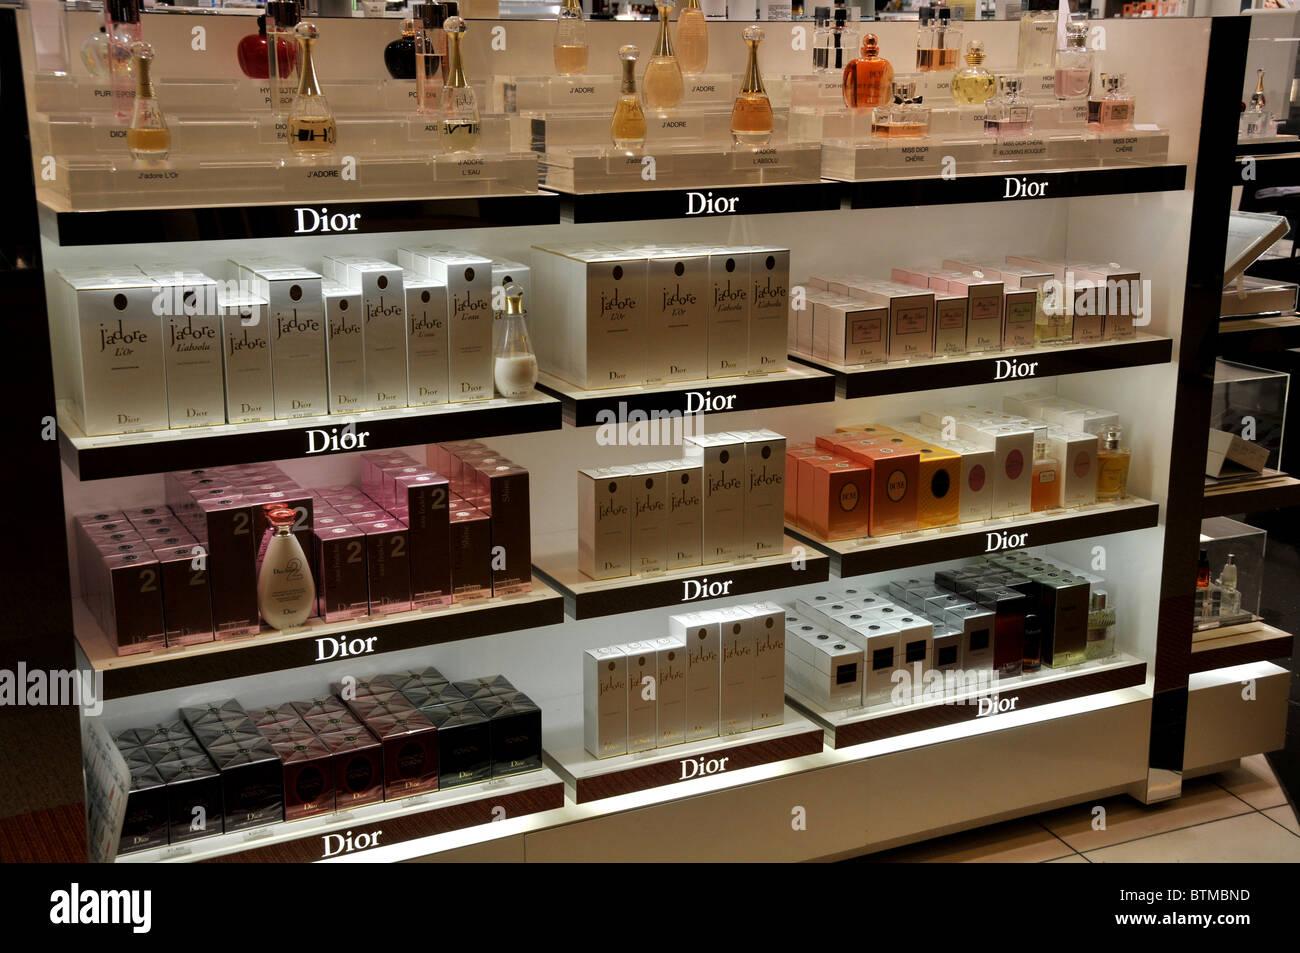 a57f66d575f Dior perfumes